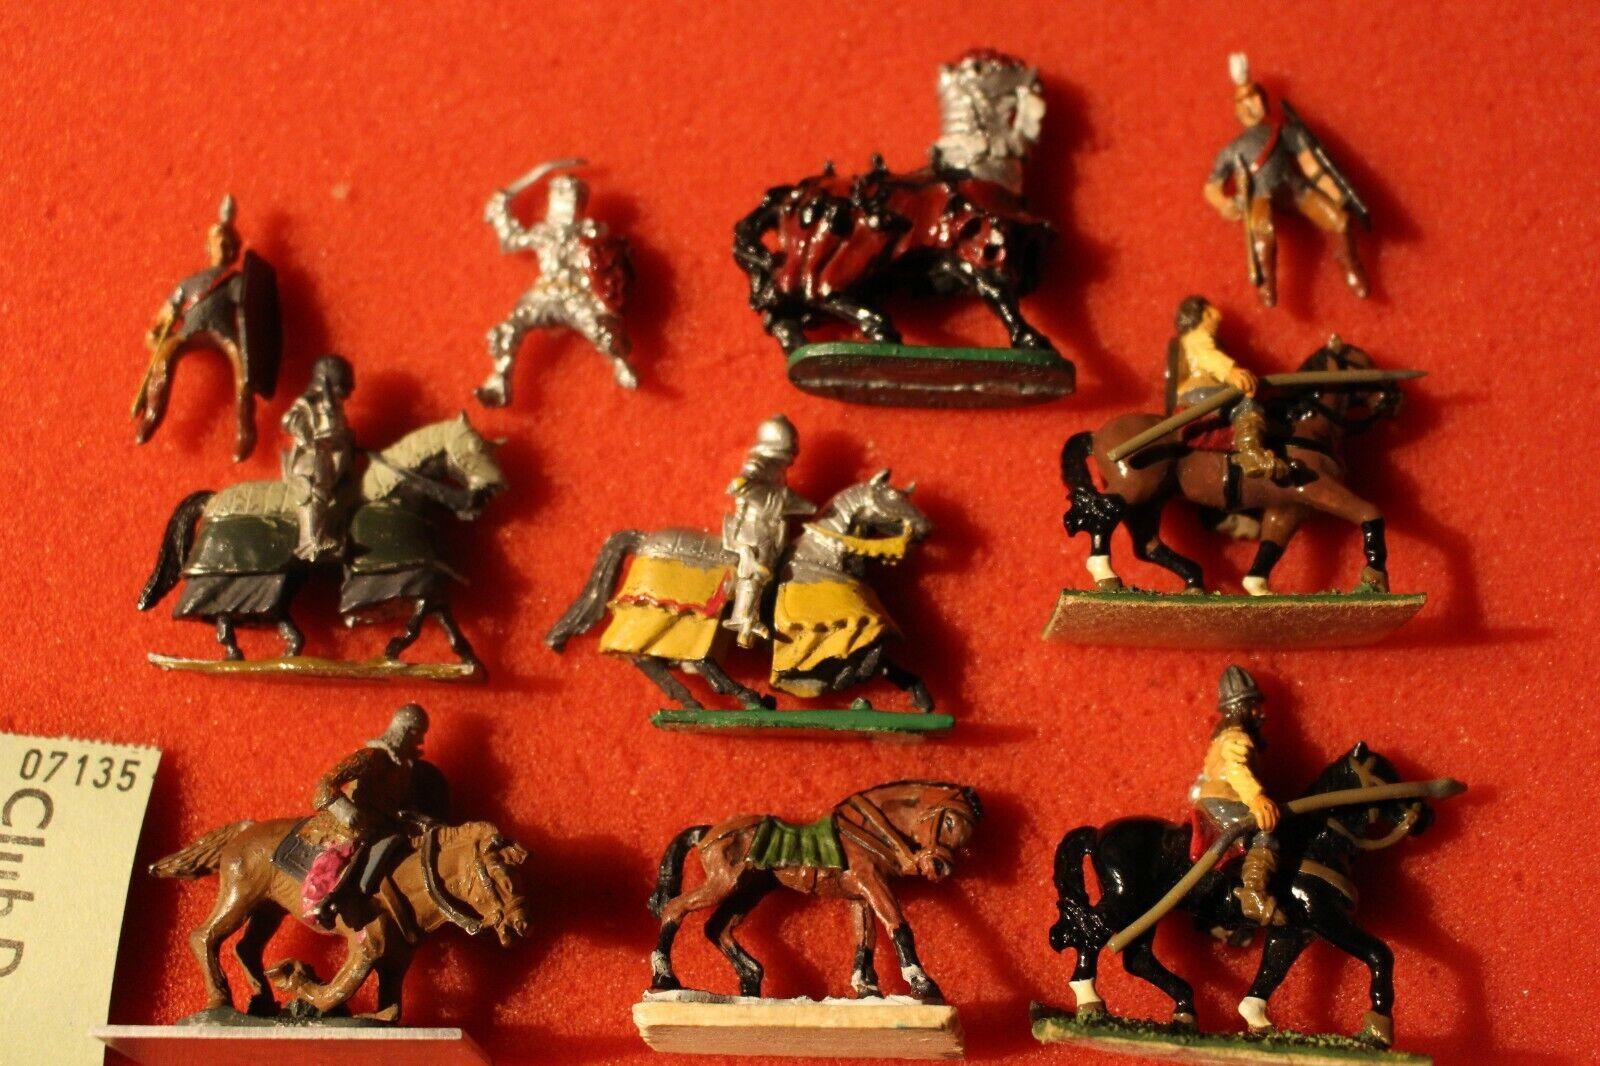 vendiendo bien en todo el mundo Montado figuras de metal 25mm escala ciudadela Juegos Juegos Juegos Workshop Granadero slotta Pre  100% precio garantizado